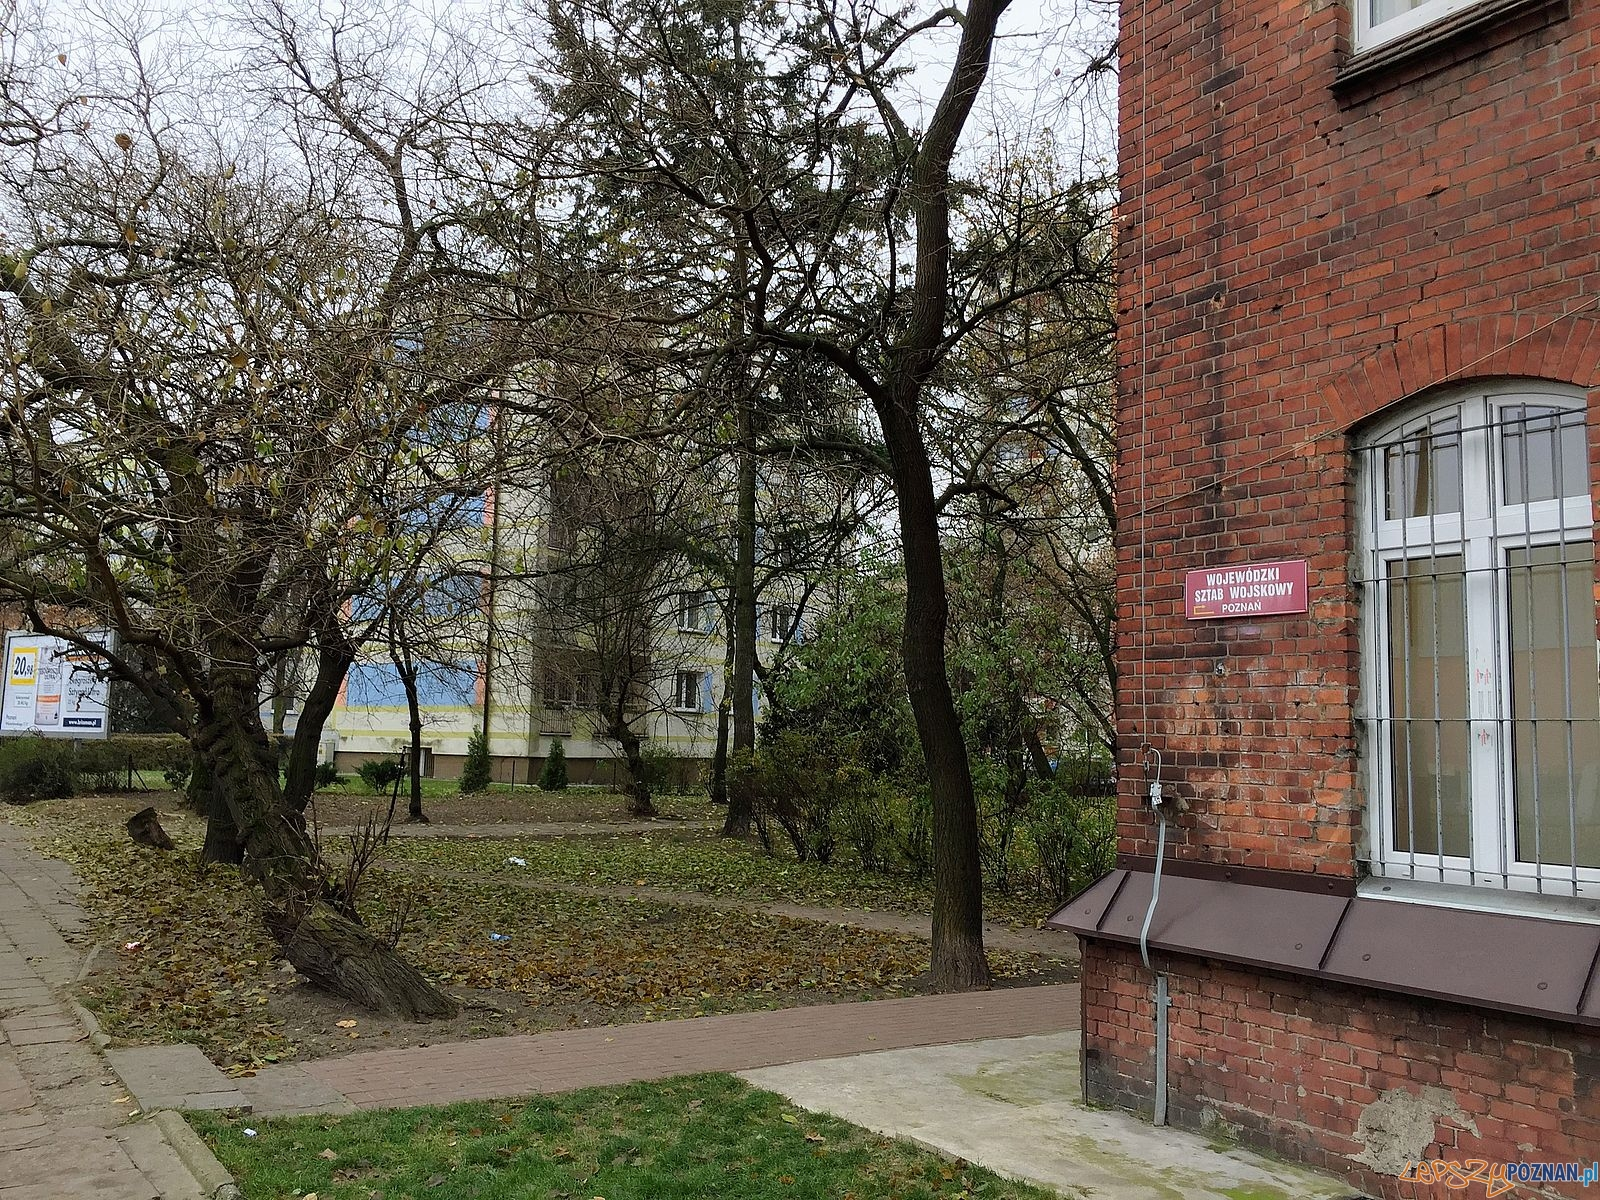 Blok zamiast zieleni?  Foto: Rada Osiedla Stare Miasto / Marcin Liminowicz